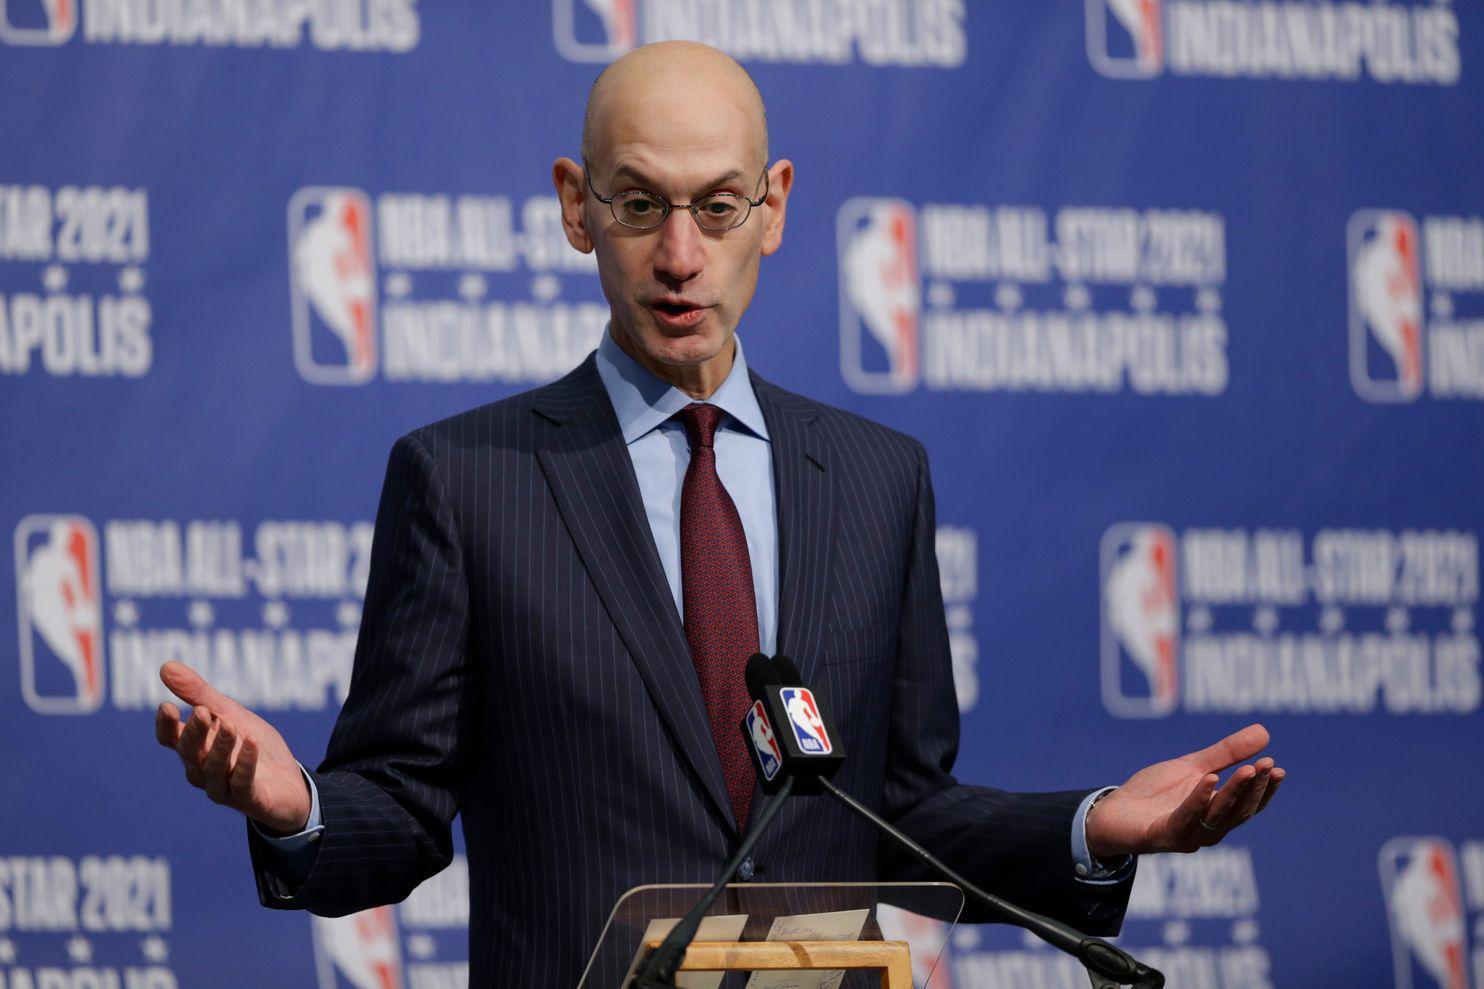 只想看最后一节?NBA推新政:球迷可只购买一节观看